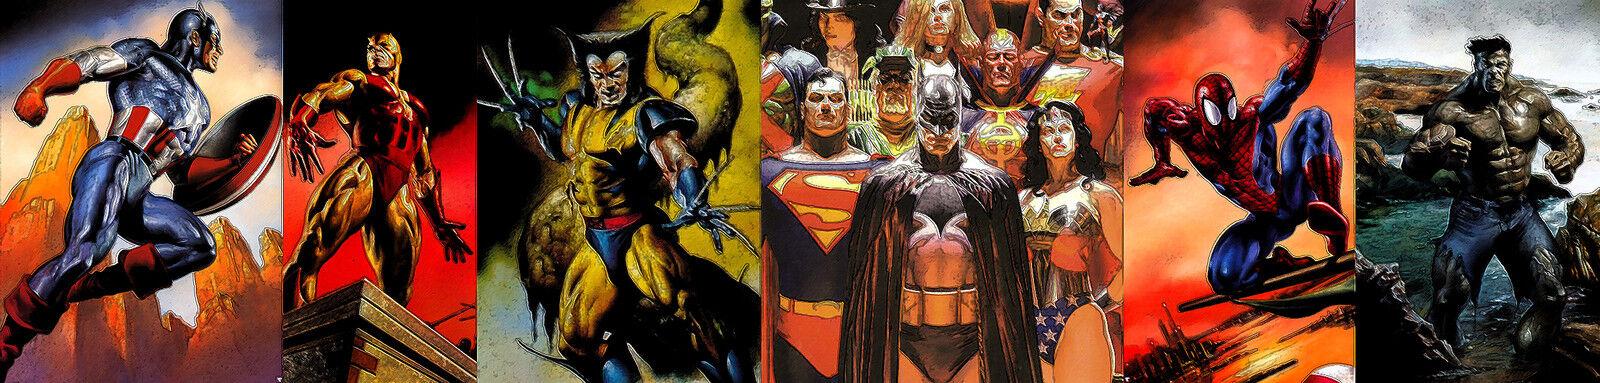 Knight's Comics